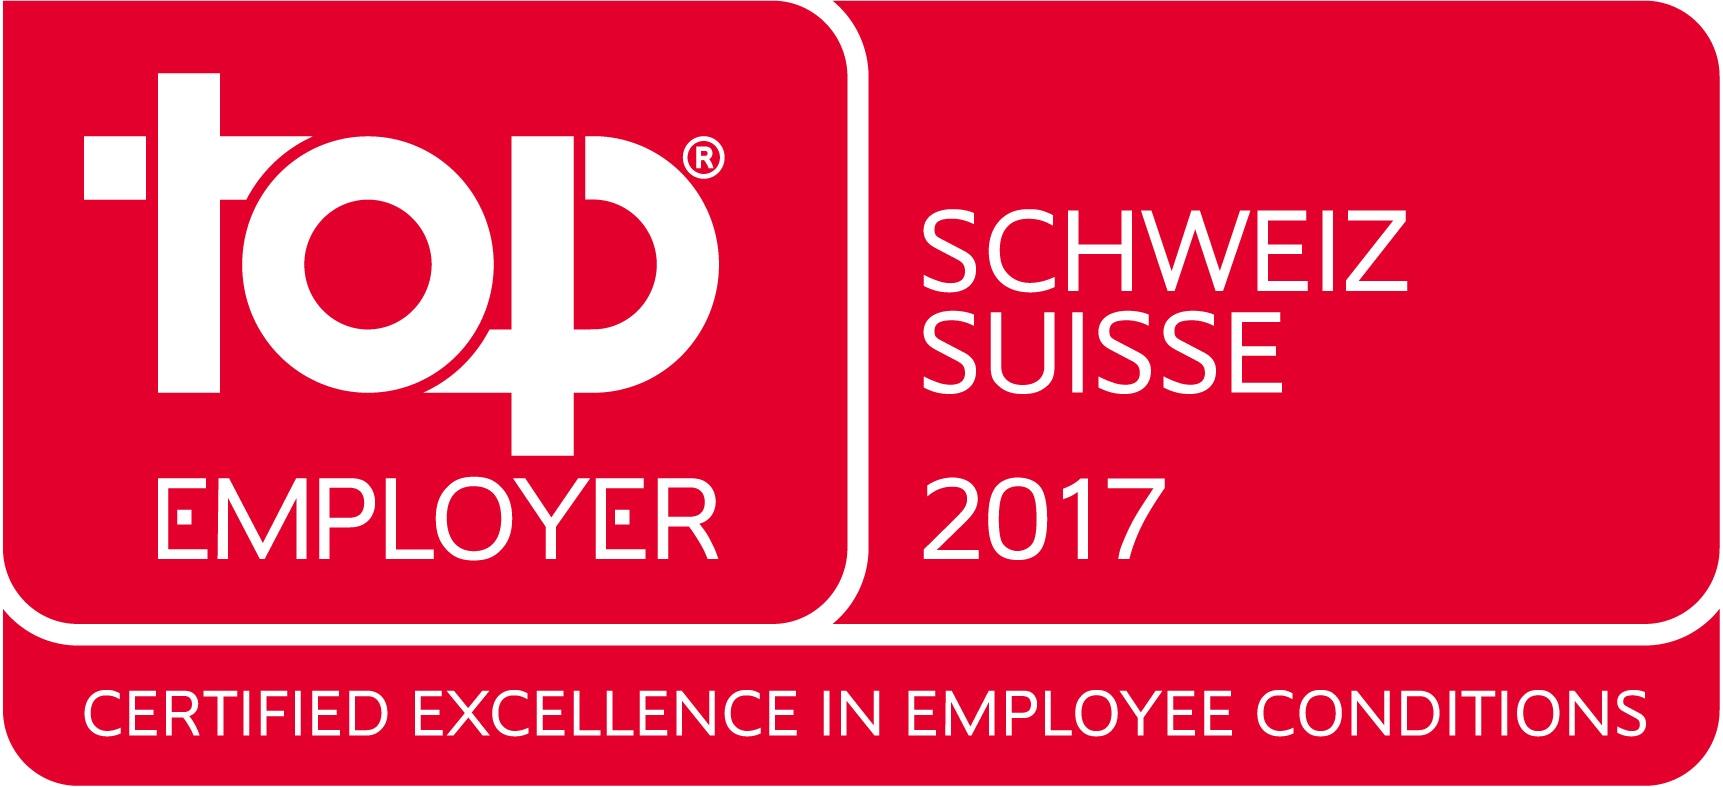 Top_Employer_Switzerland_2017.jpg